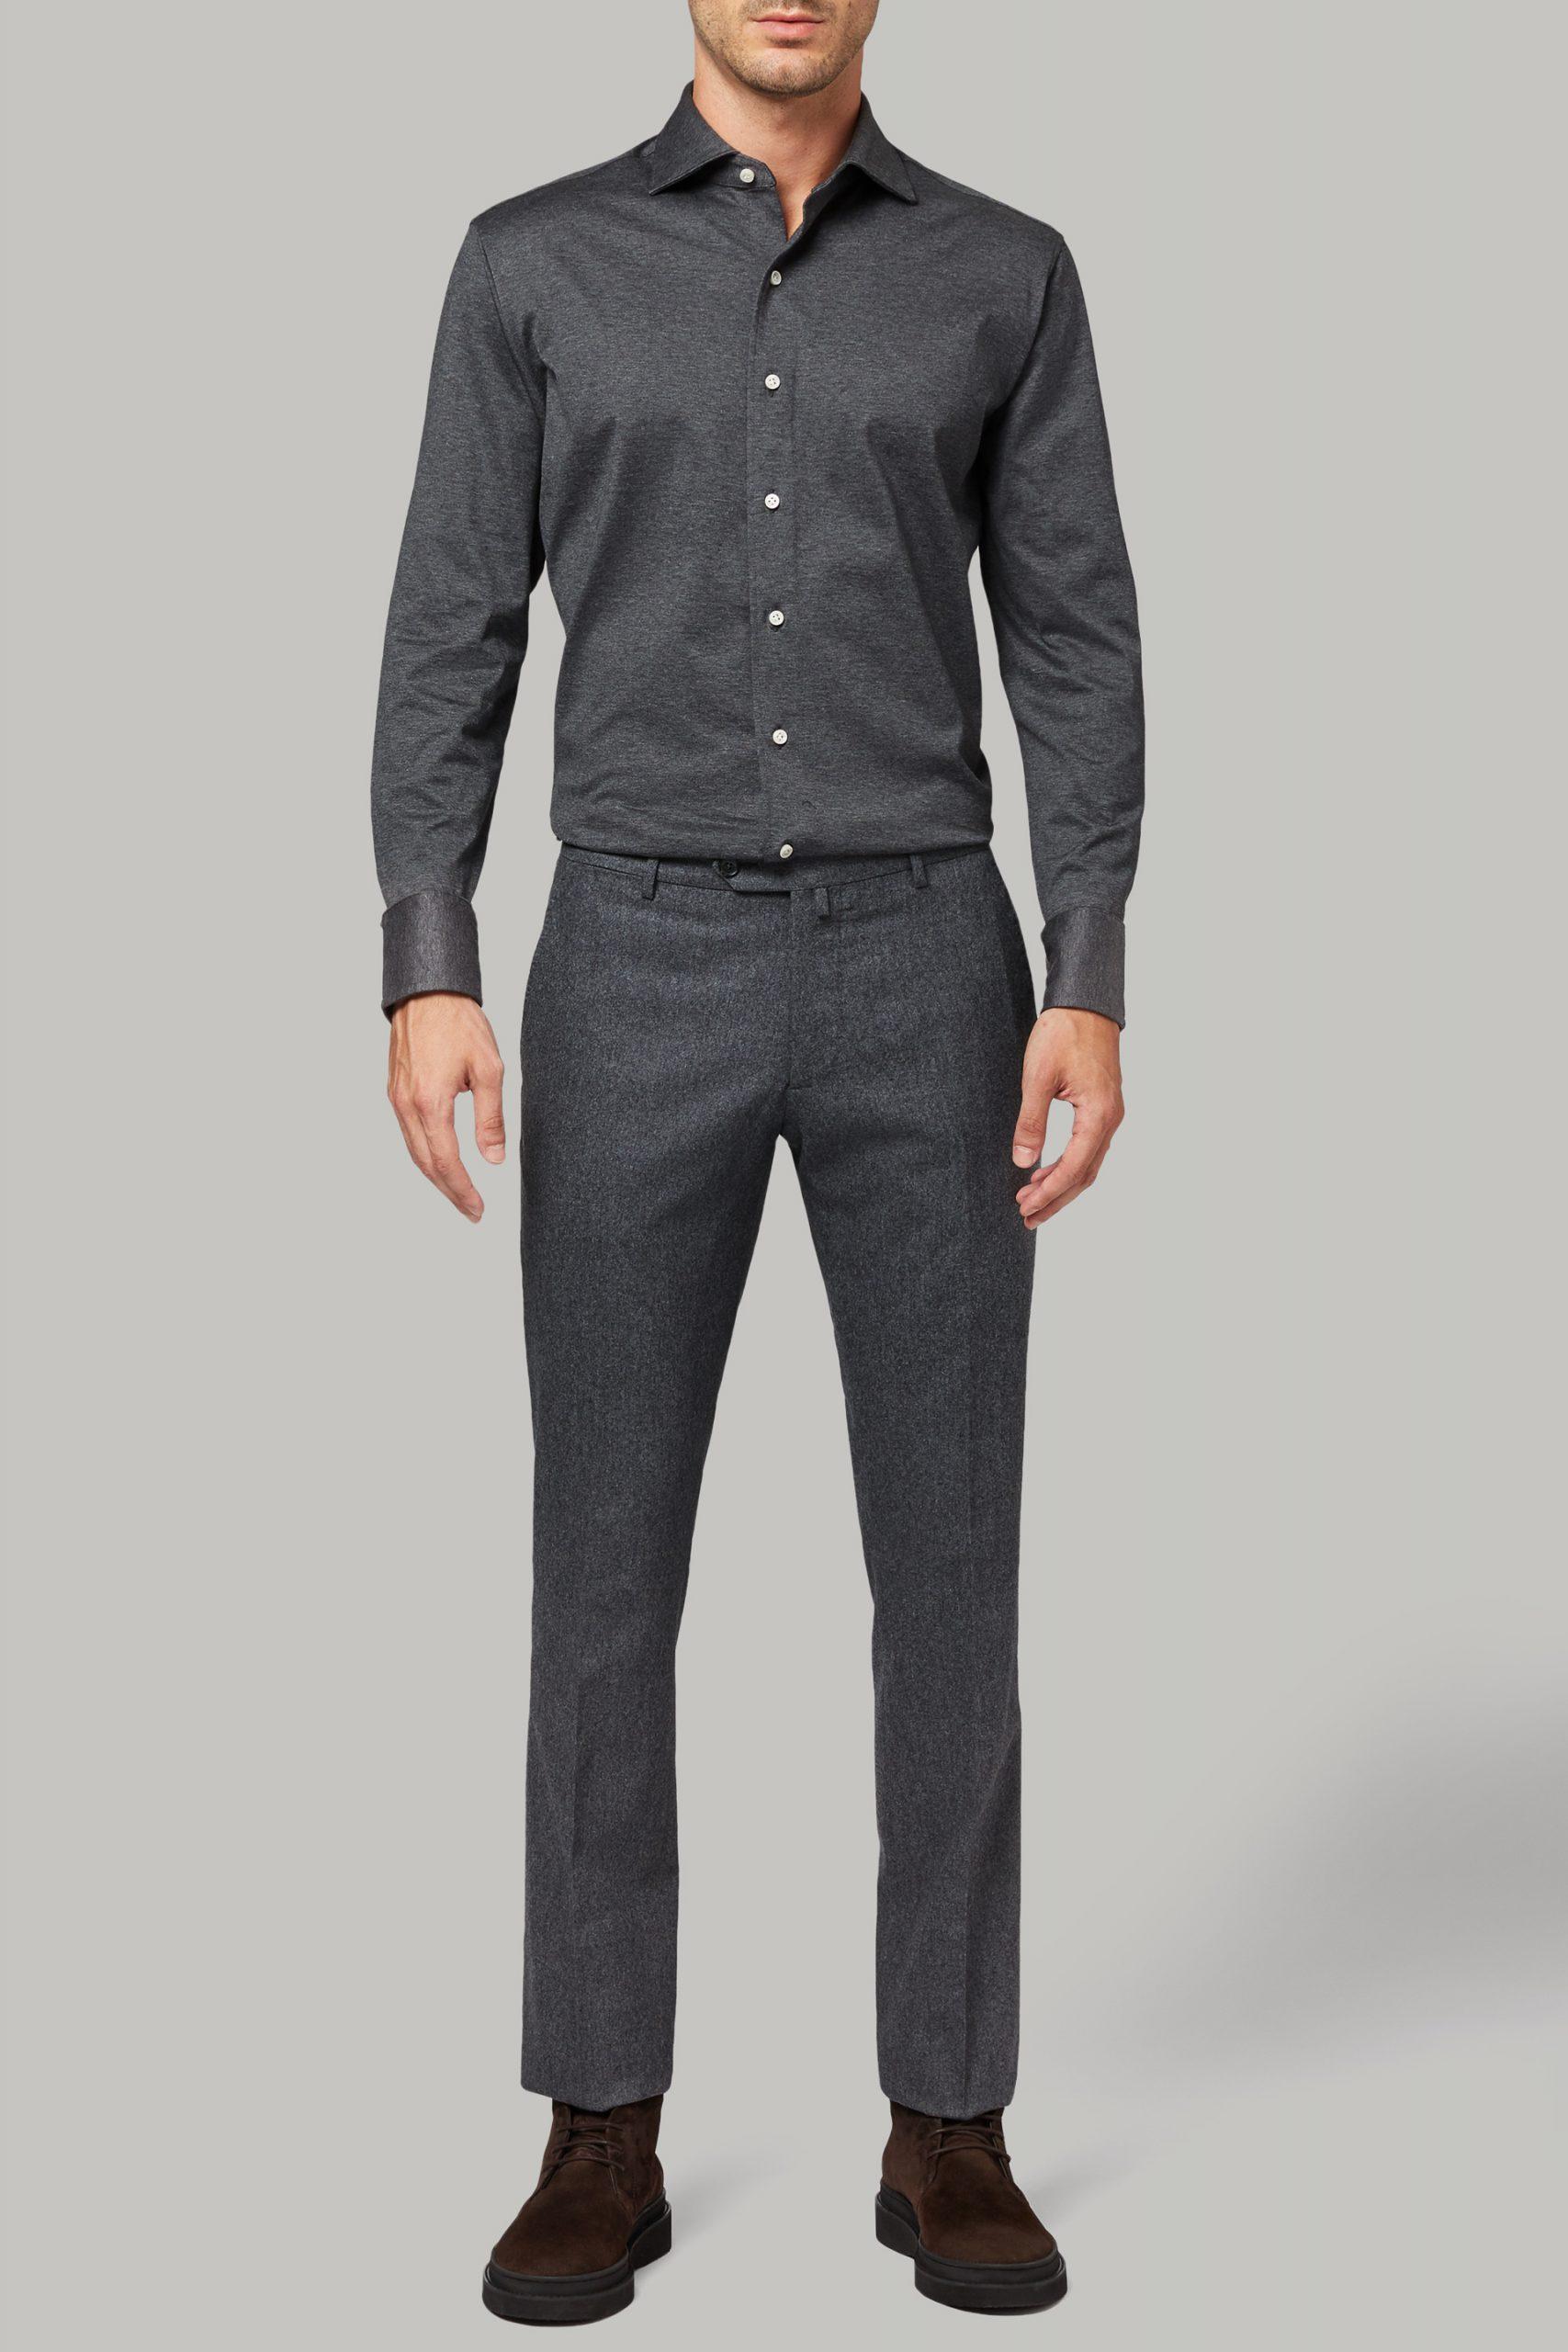 Camicie da uomo in colore Grigio in materiale